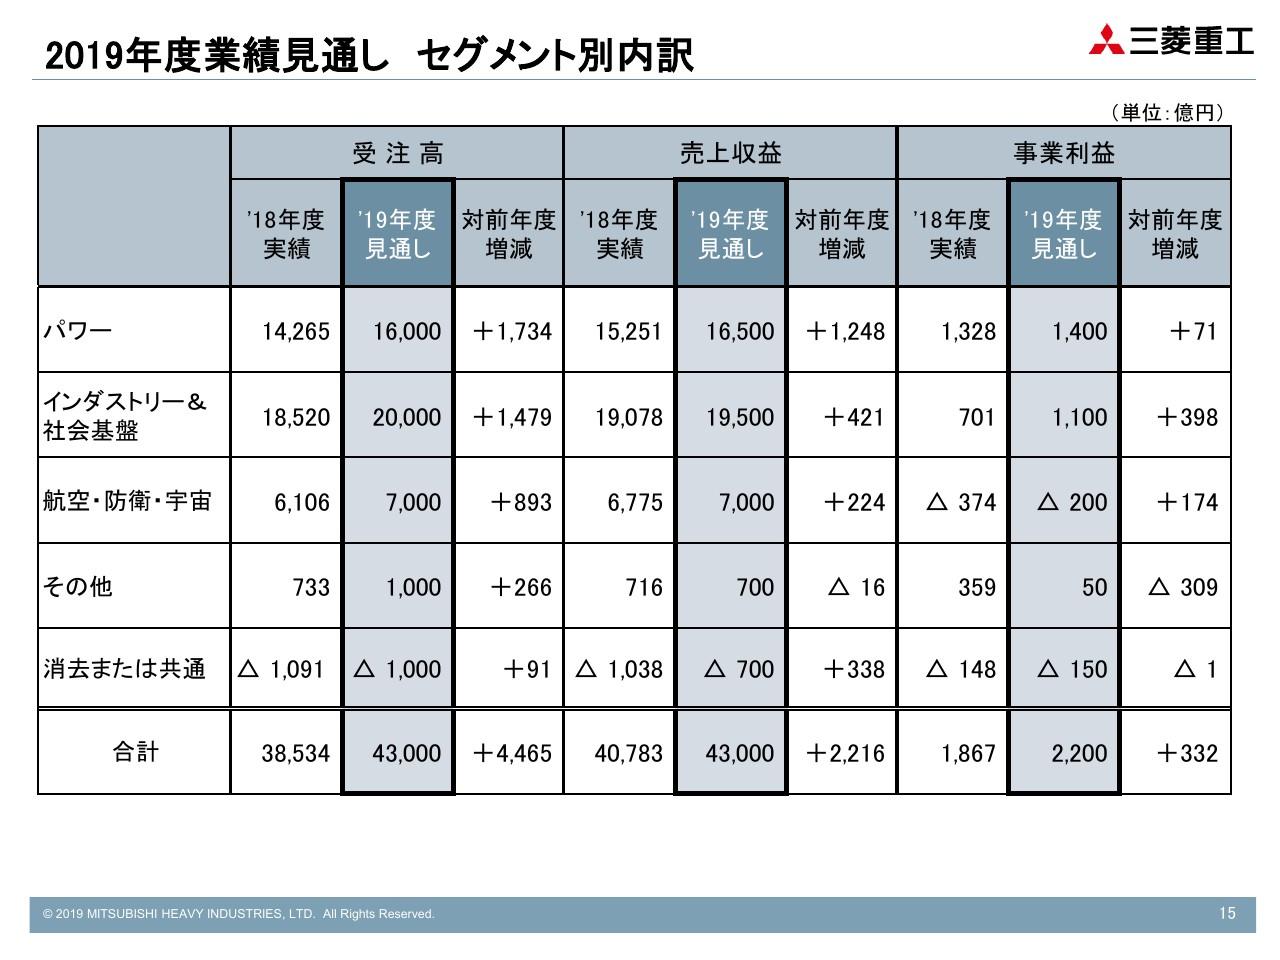 三菱重工業、パワードメインを中心に増収し通期見通しに沿った進捗 年間で20円増配予定